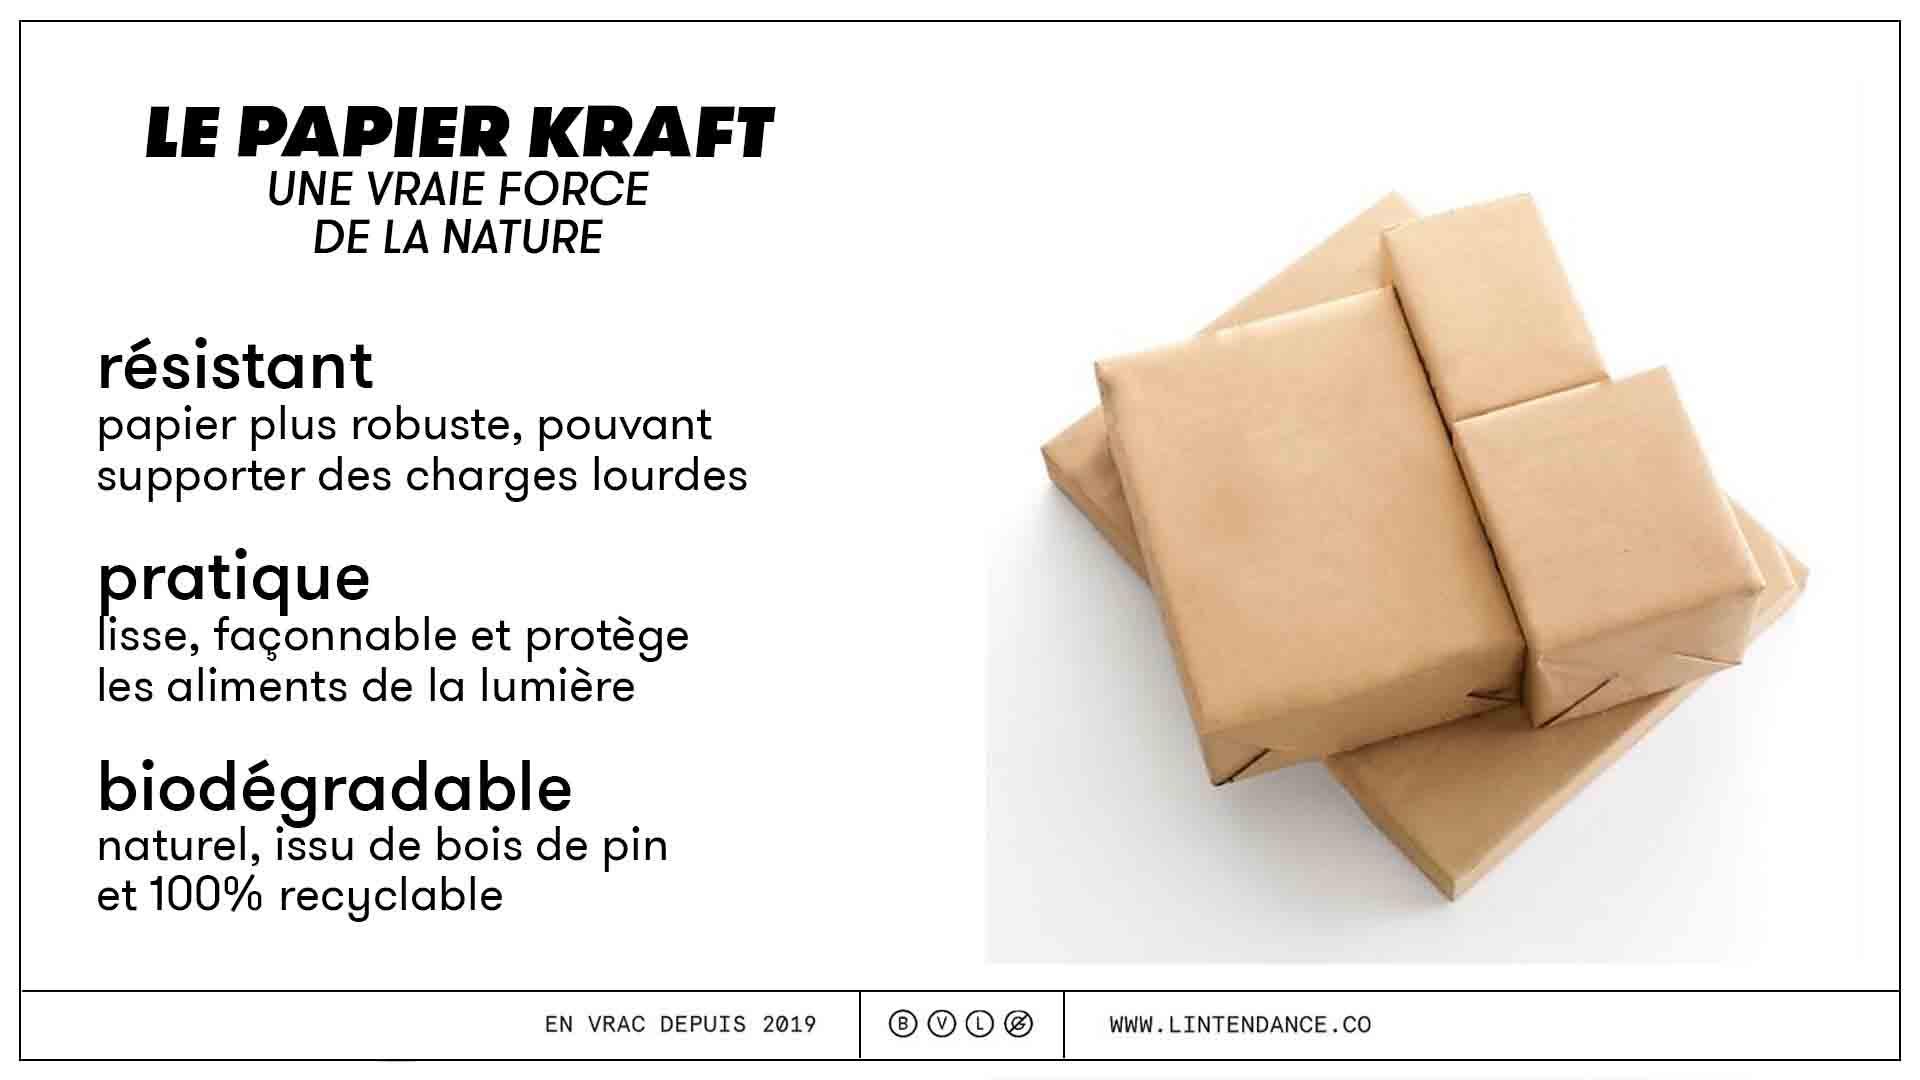 Papier kraft recyclable pratique résistant zéro déchet